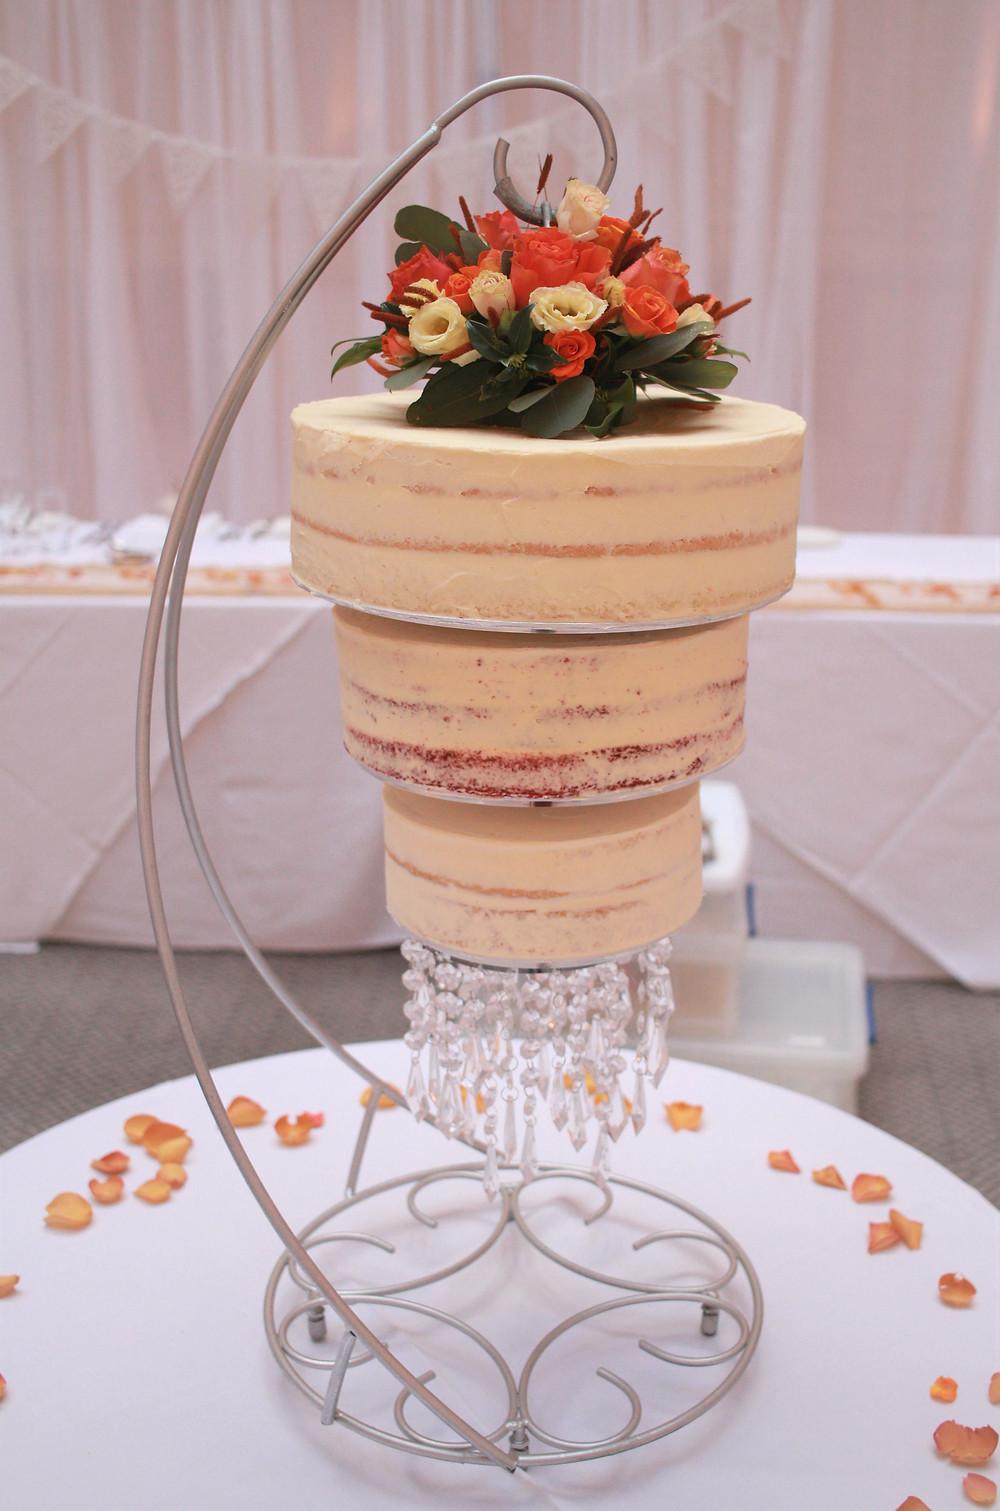 Chandelier wedding cake gluten-free